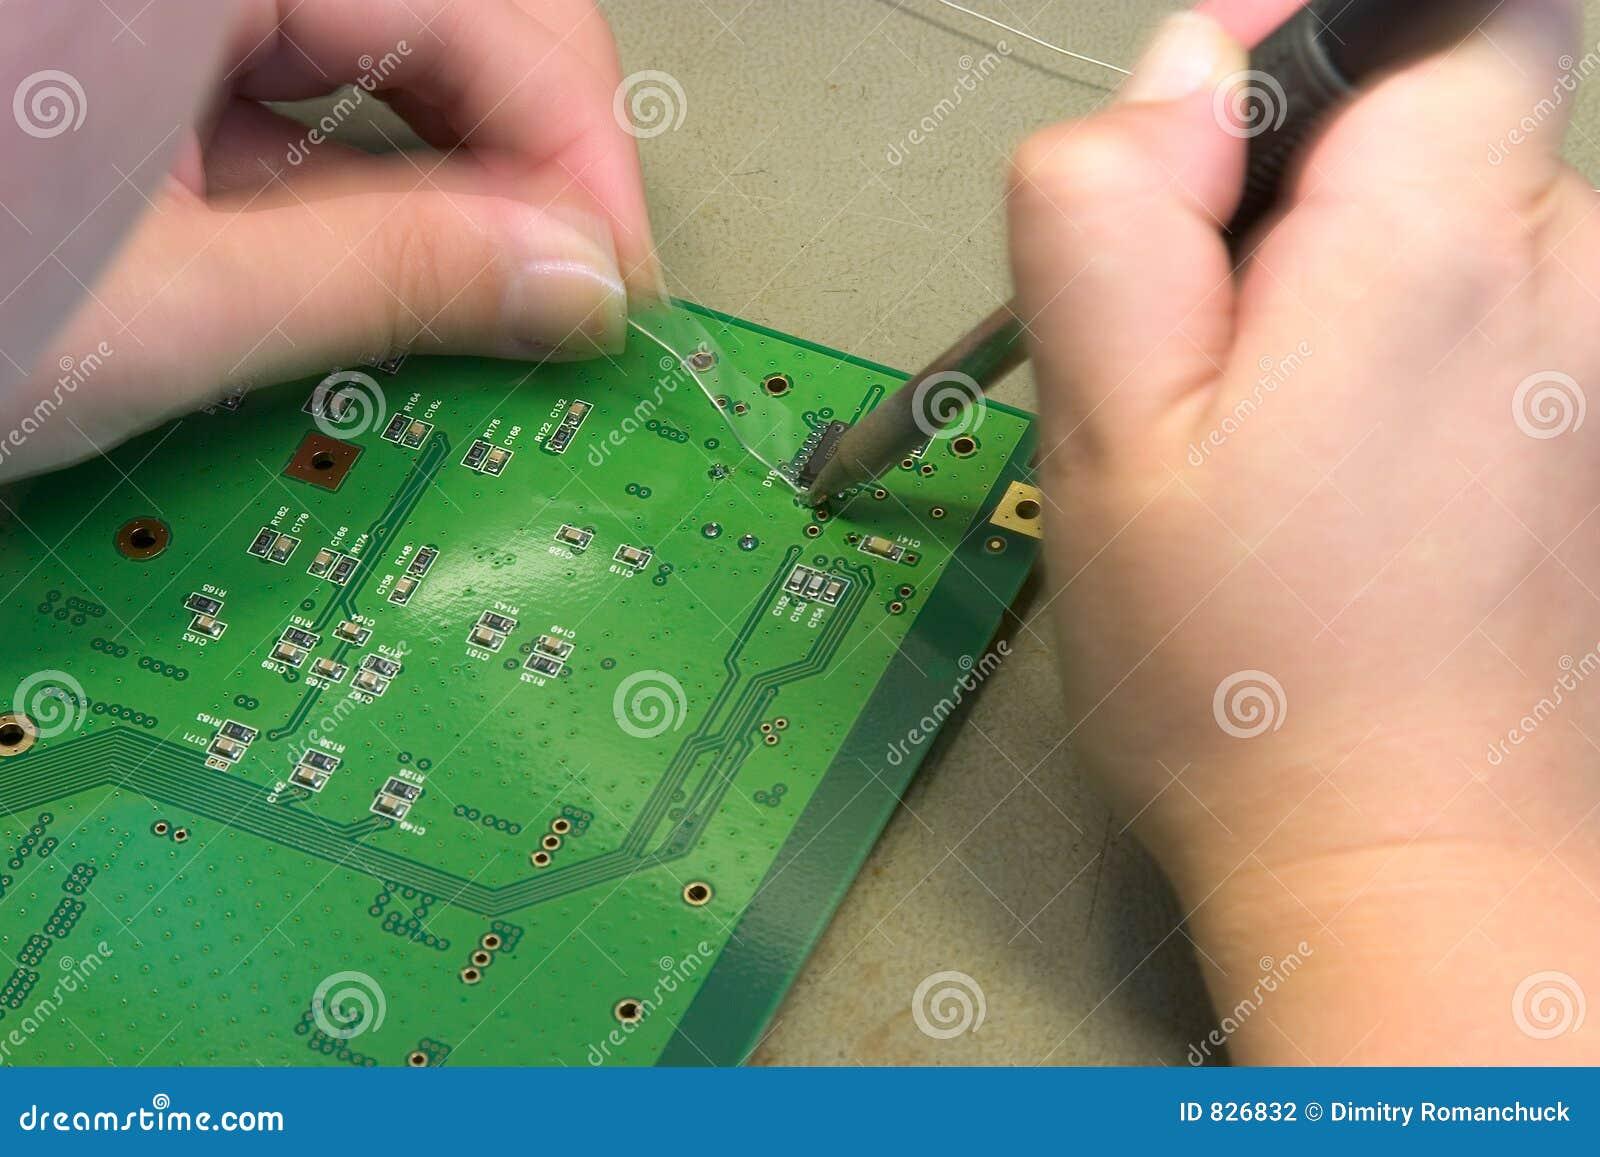 Welding computer parts